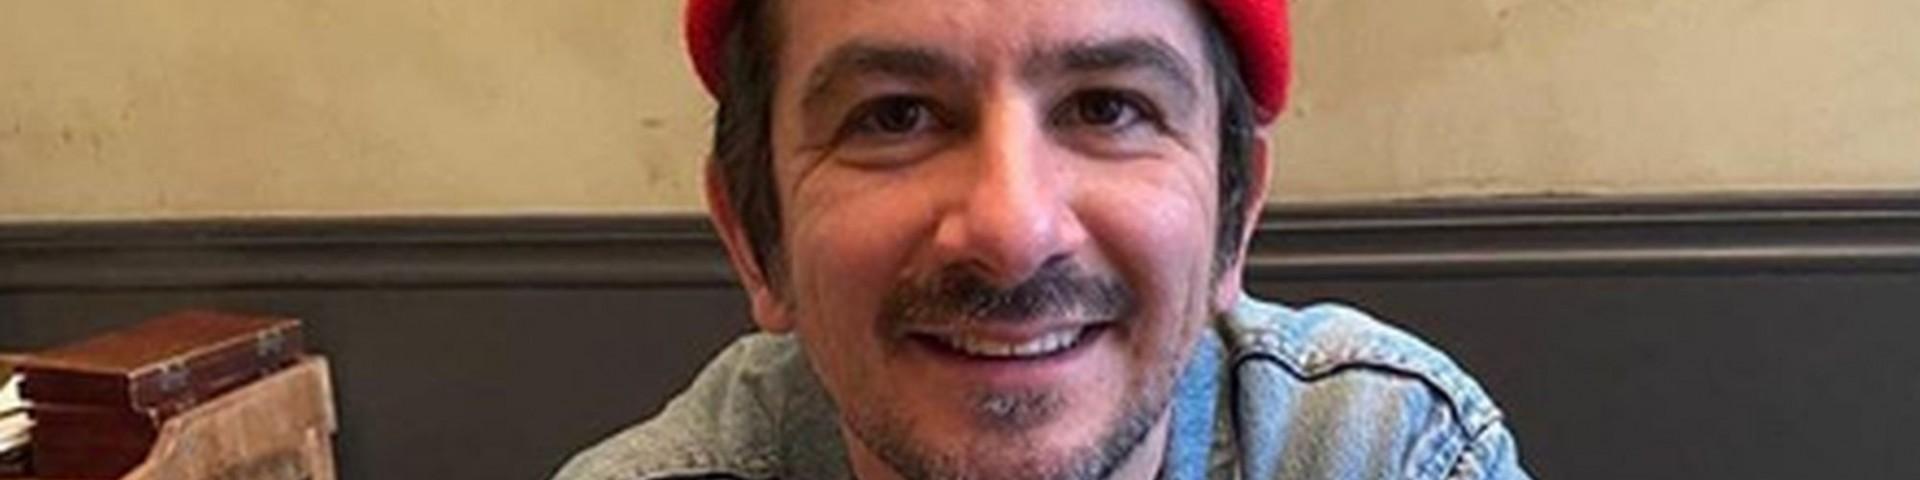 Francesco Mandelli nel video di Takagi e Ketra per l'estate 2020: l'annuncio a Lingue a Sonagli